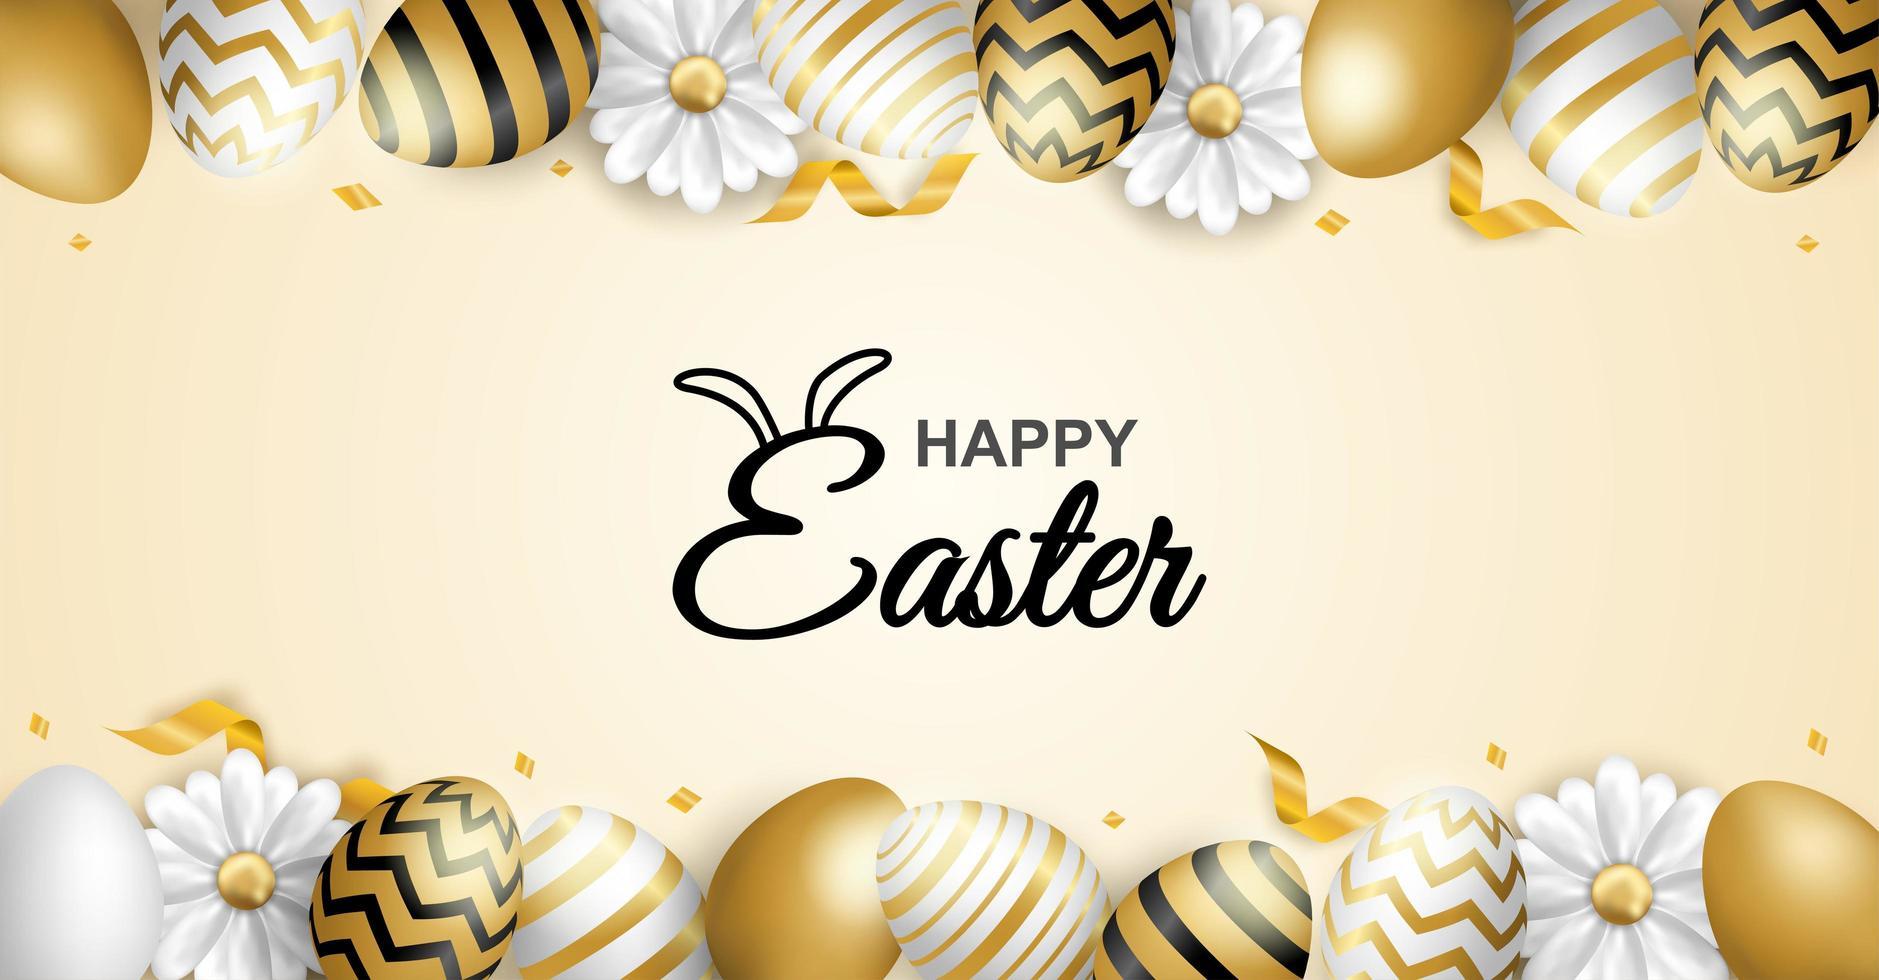 poster di buona Pasqua con bordo uovo fantasia vettore